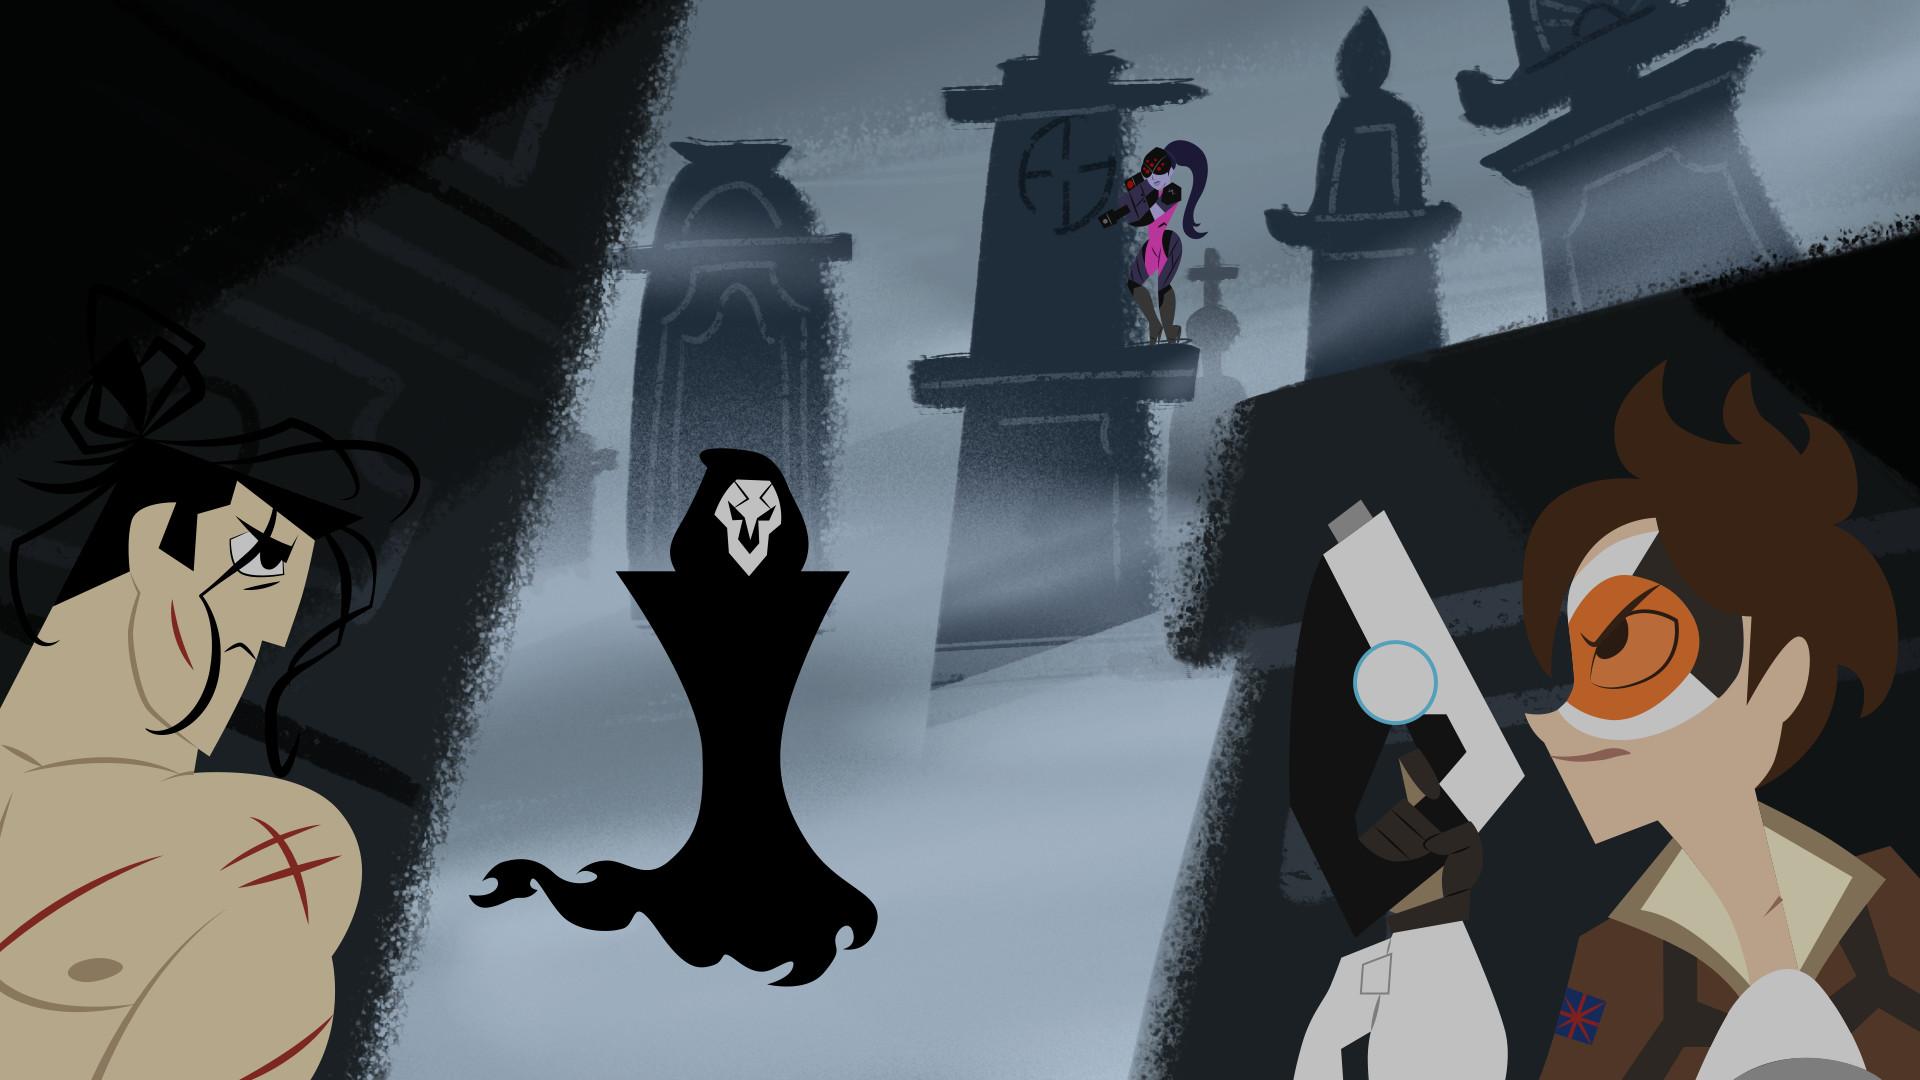 widowmaker x reaper